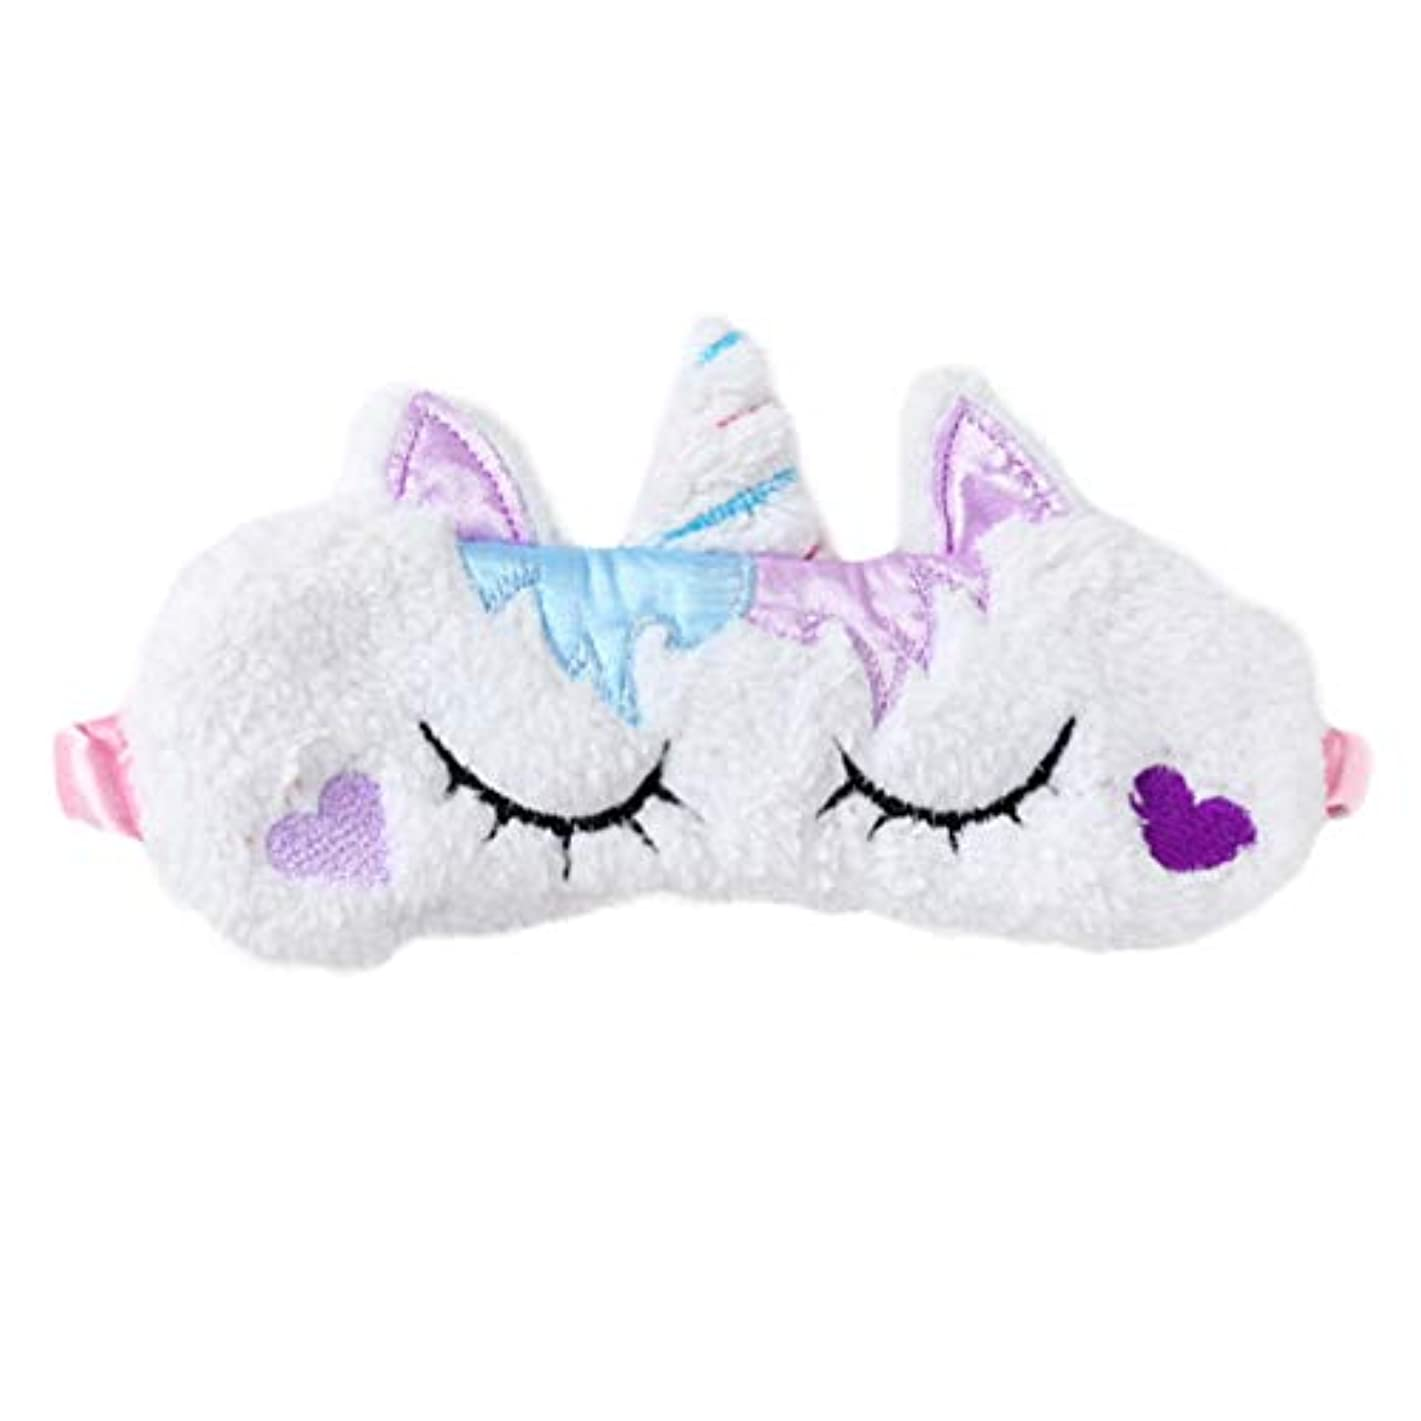 オーガニック天使ファイターLurrose ソフトぬいぐるみユニコーンアイマスクかわいいユニコーンホーンアイカバー睡眠マスク用女性女の子子供旅行夜寝